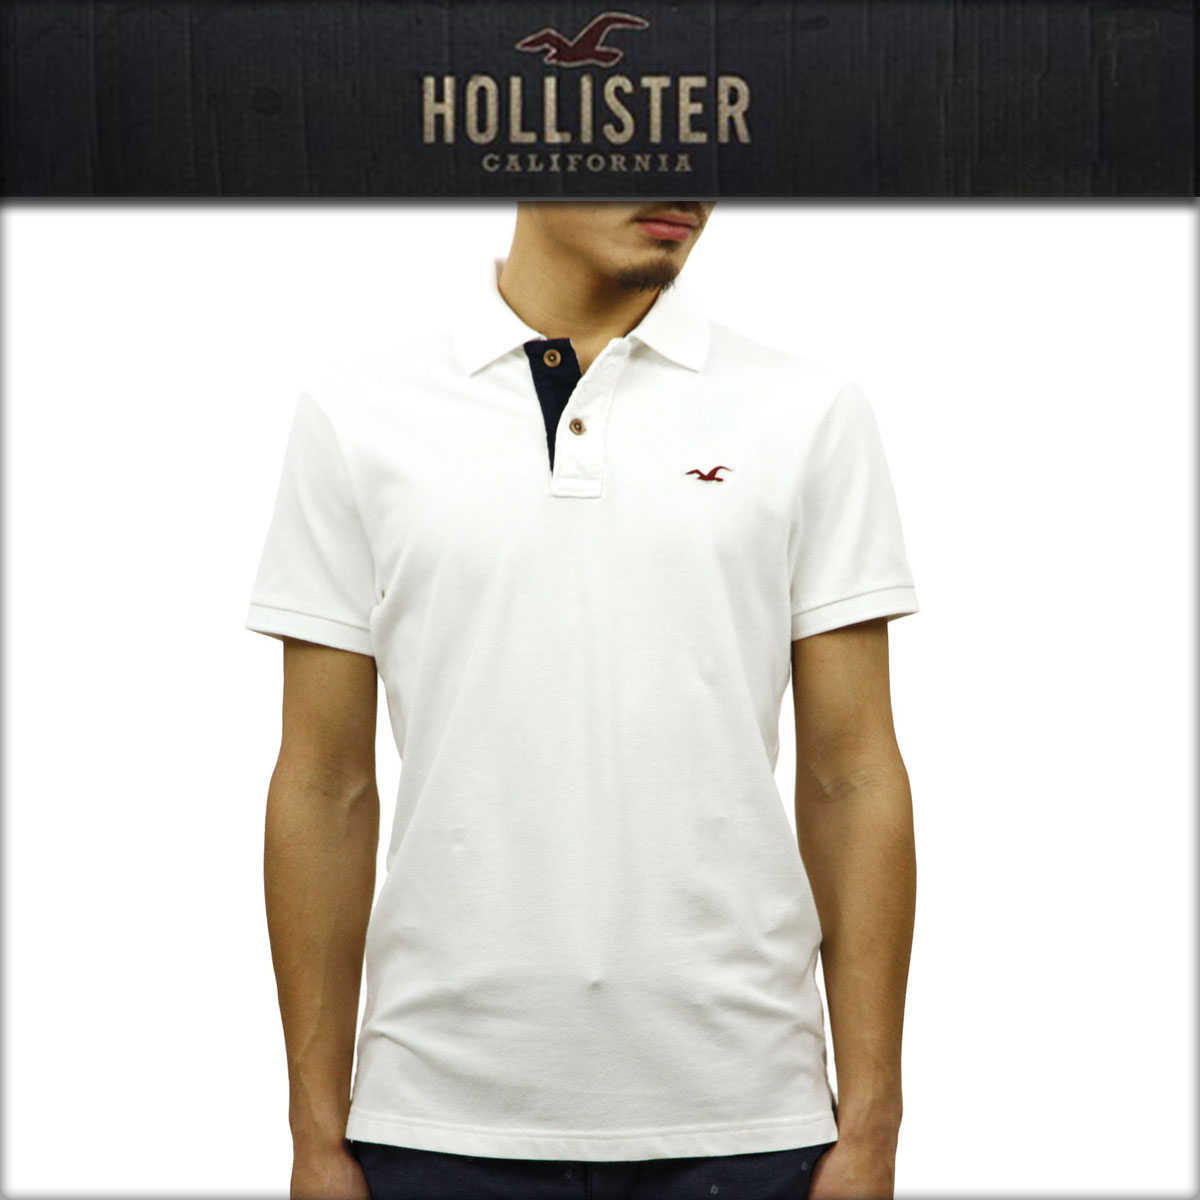 ホリスター HOLLISTER 正規品 メンズ 半袖ポロシャツ 父の日 Stretch Pique Icon Polo 321-364-0602-100